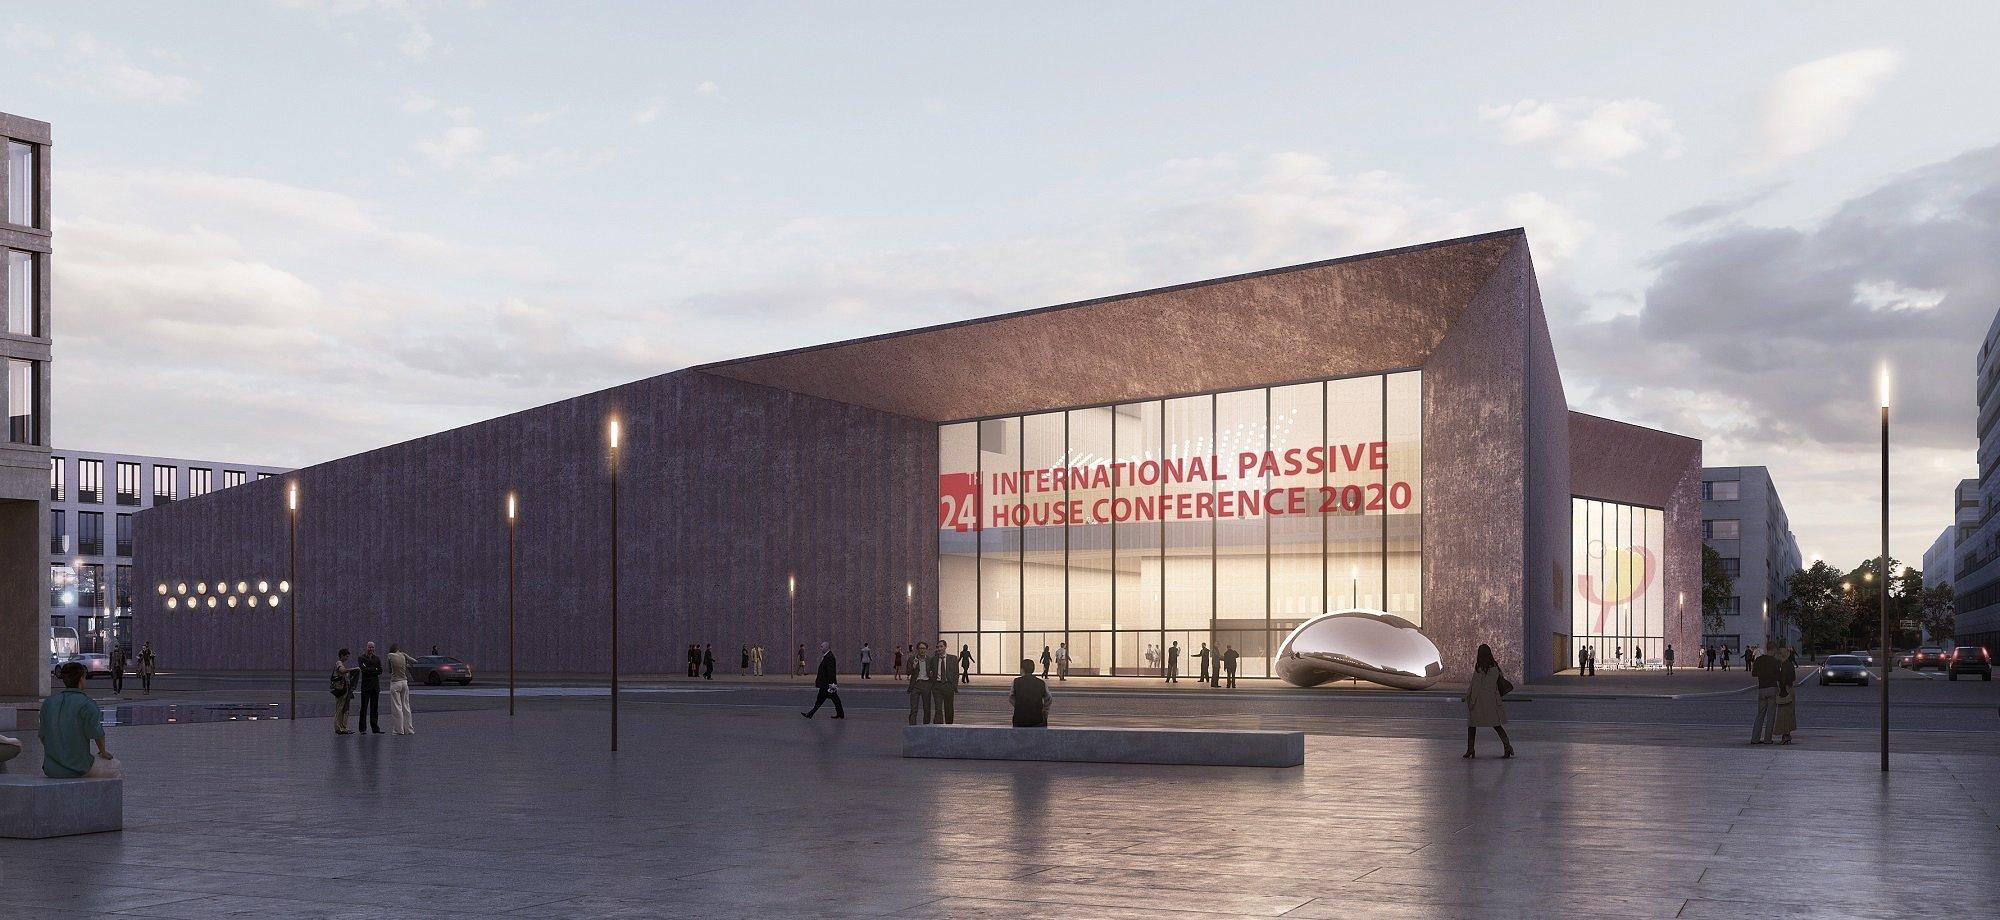 ACTUALITE : Retour sur la conférence PassivHaus Institut de Darmstadt